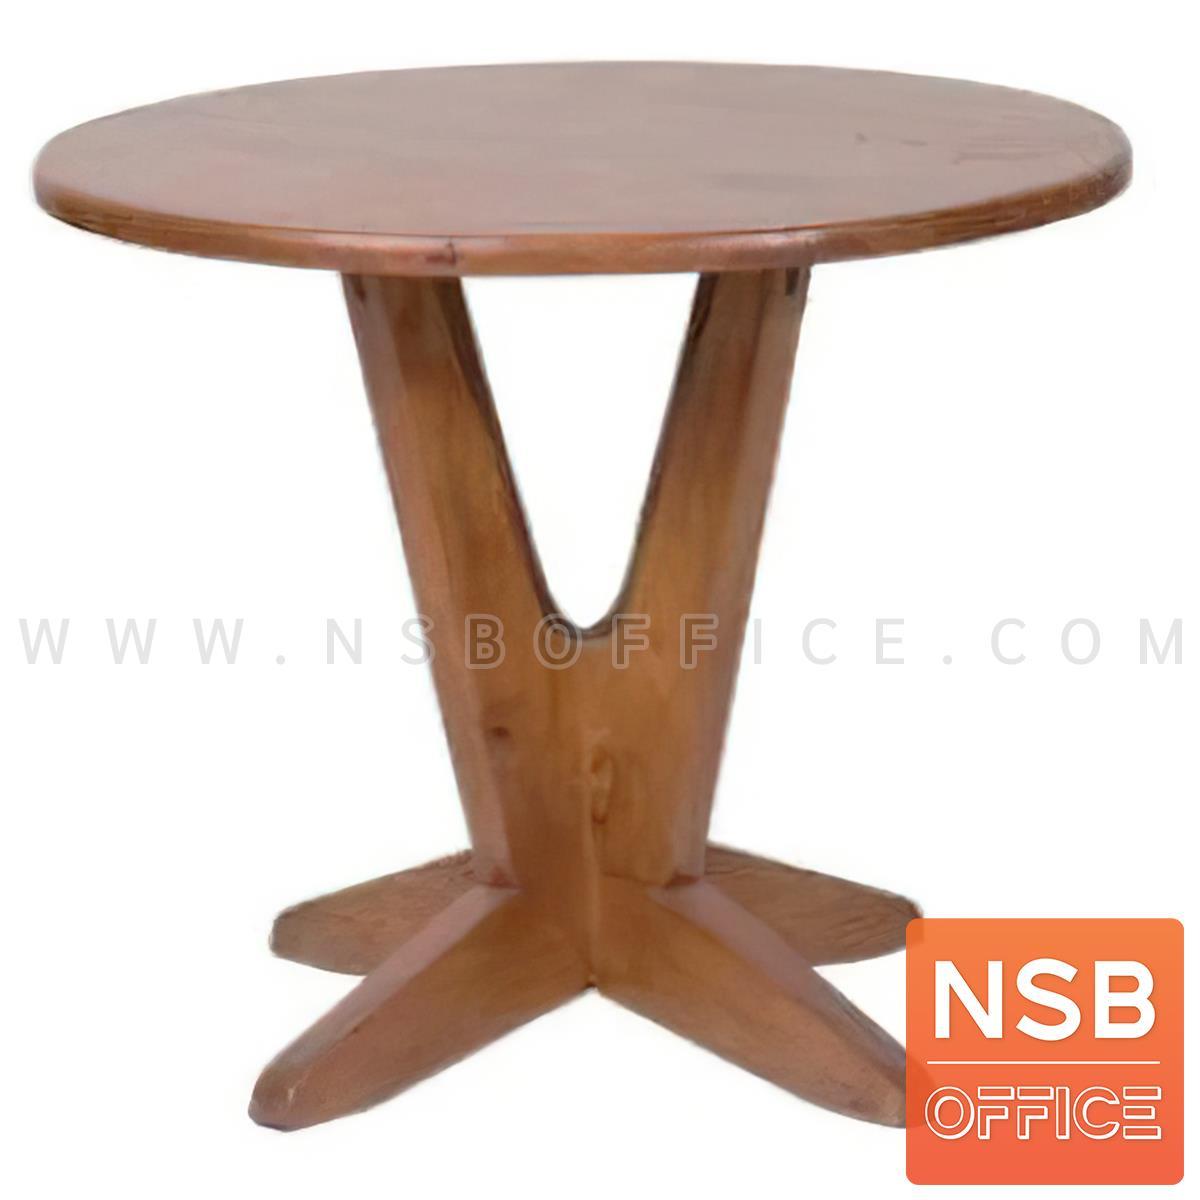 A14A282:โต๊ะบาร์หน้าไม้ยางพารา รุ่น Thatcher 2 (แทตเชอร์ 2)   ขาไม้